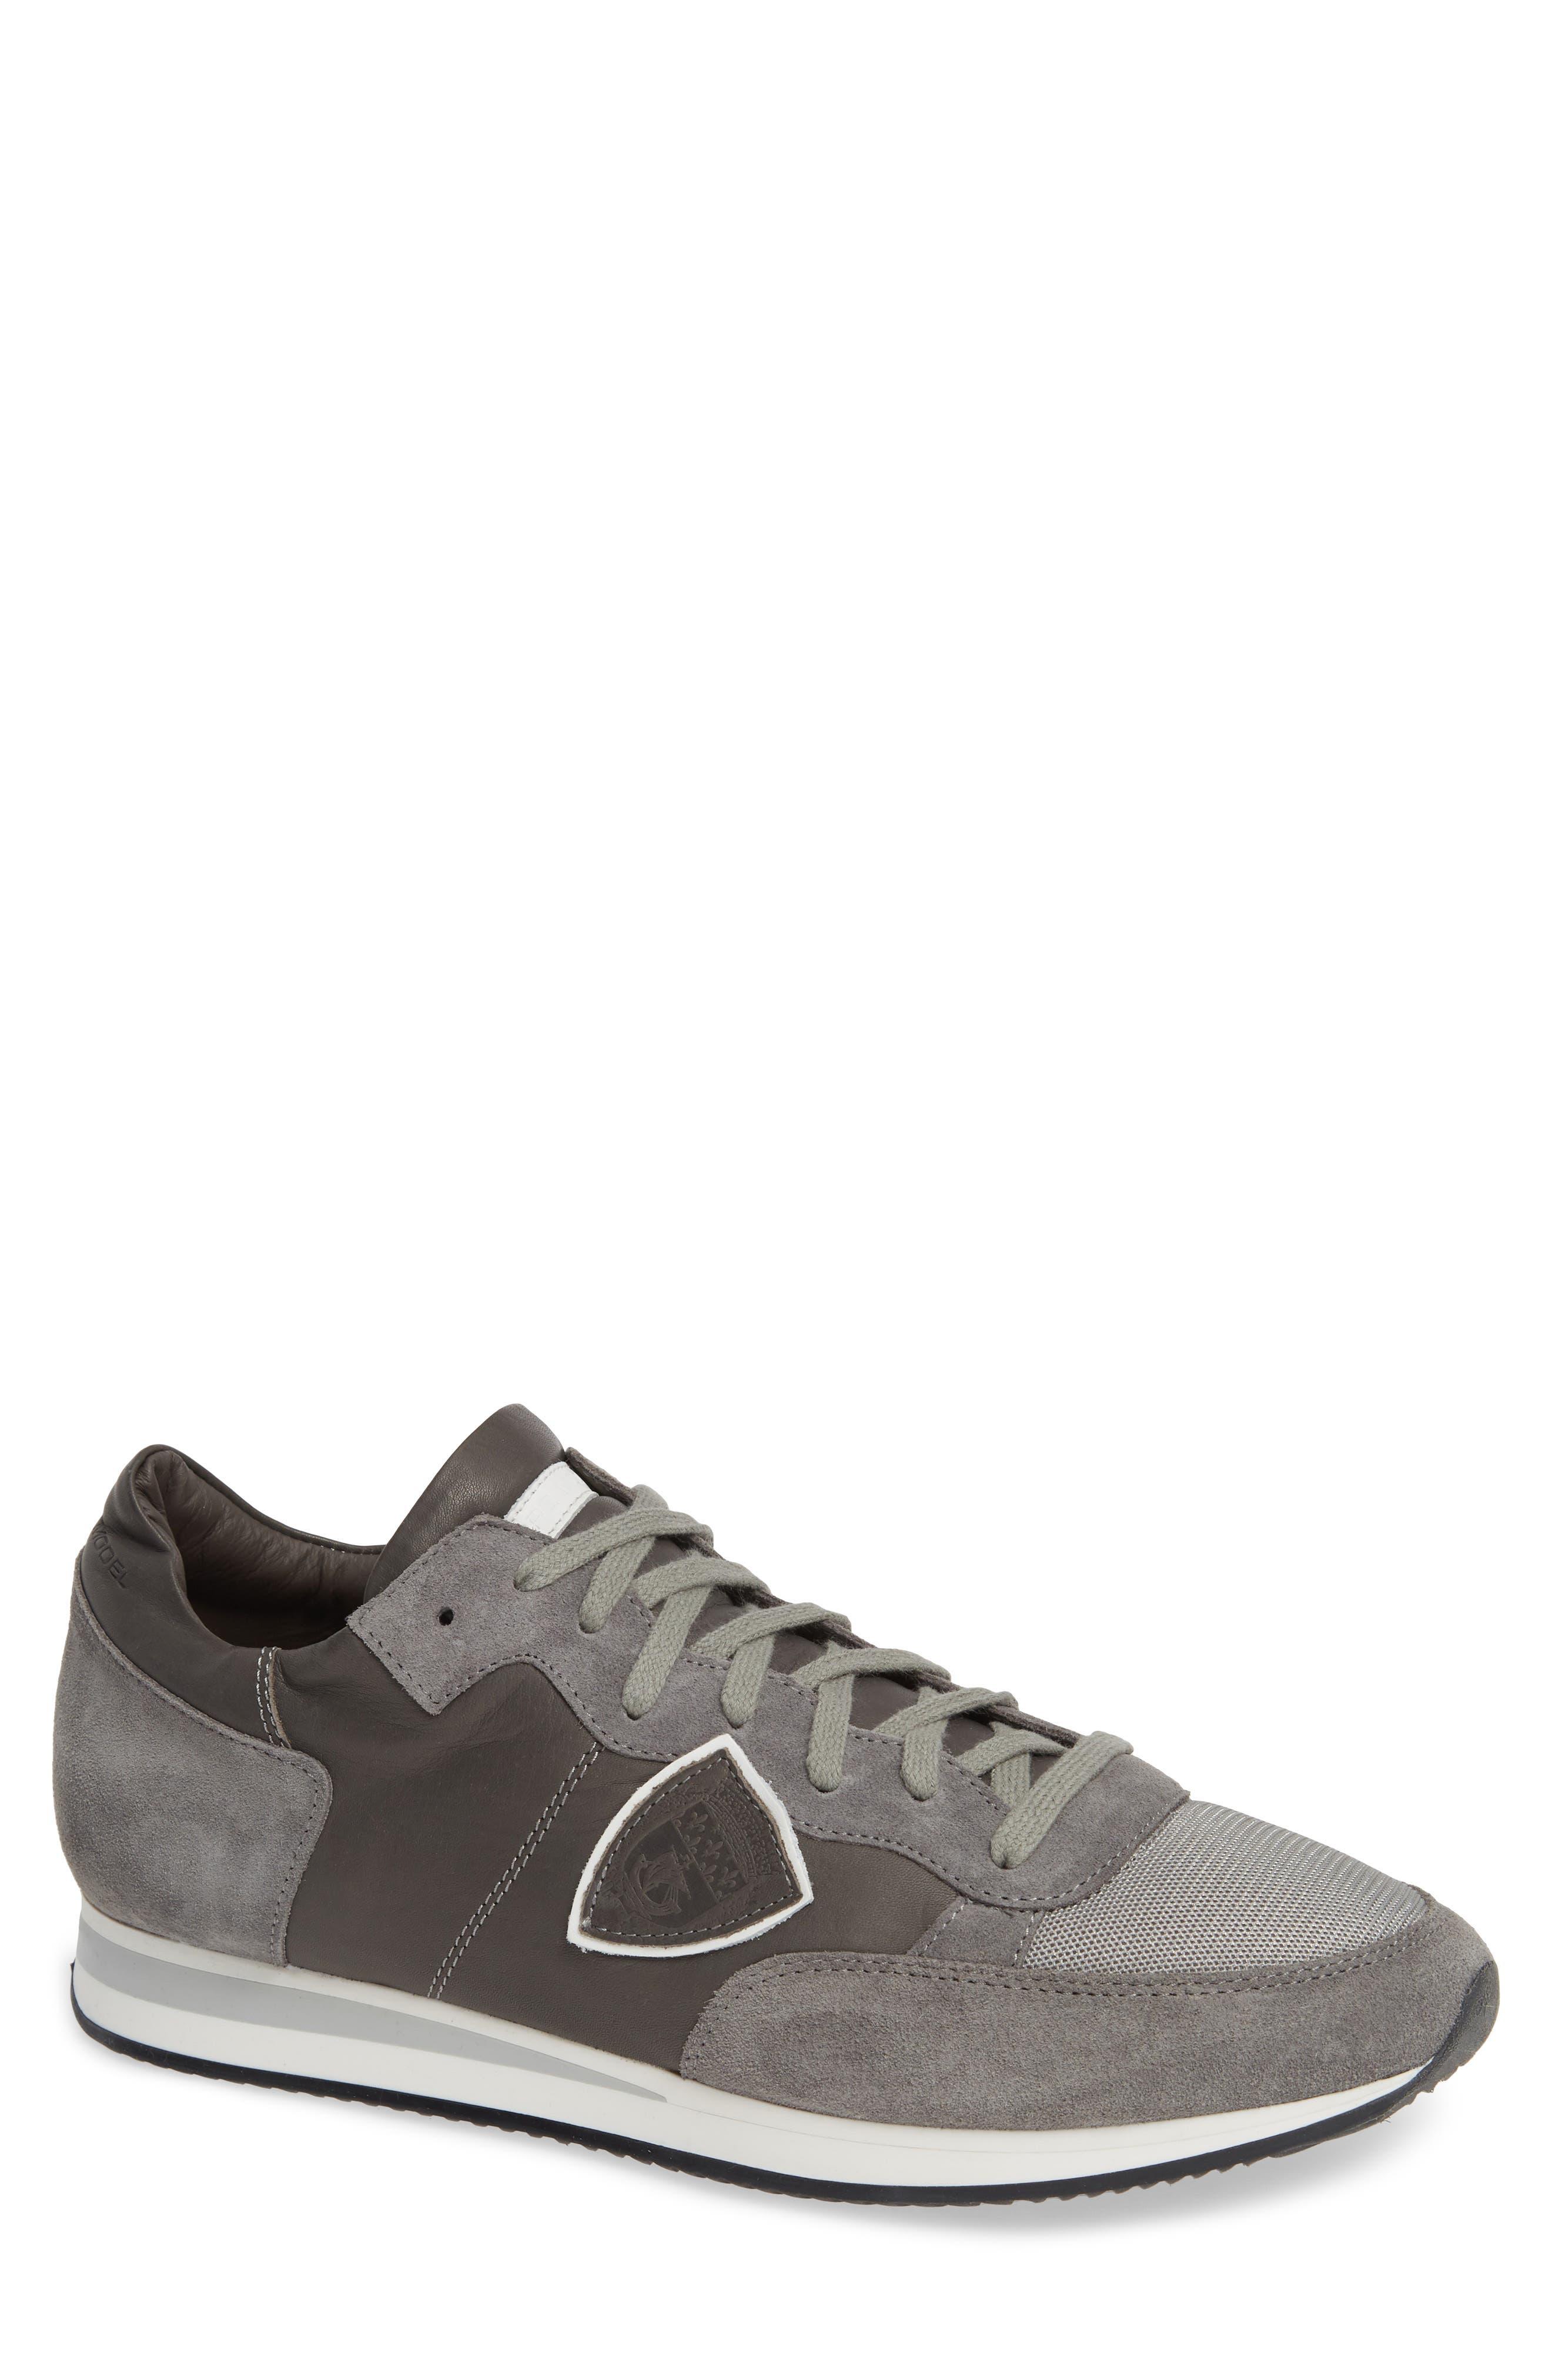 Tropez Sneaker,                         Main,                         color, 020